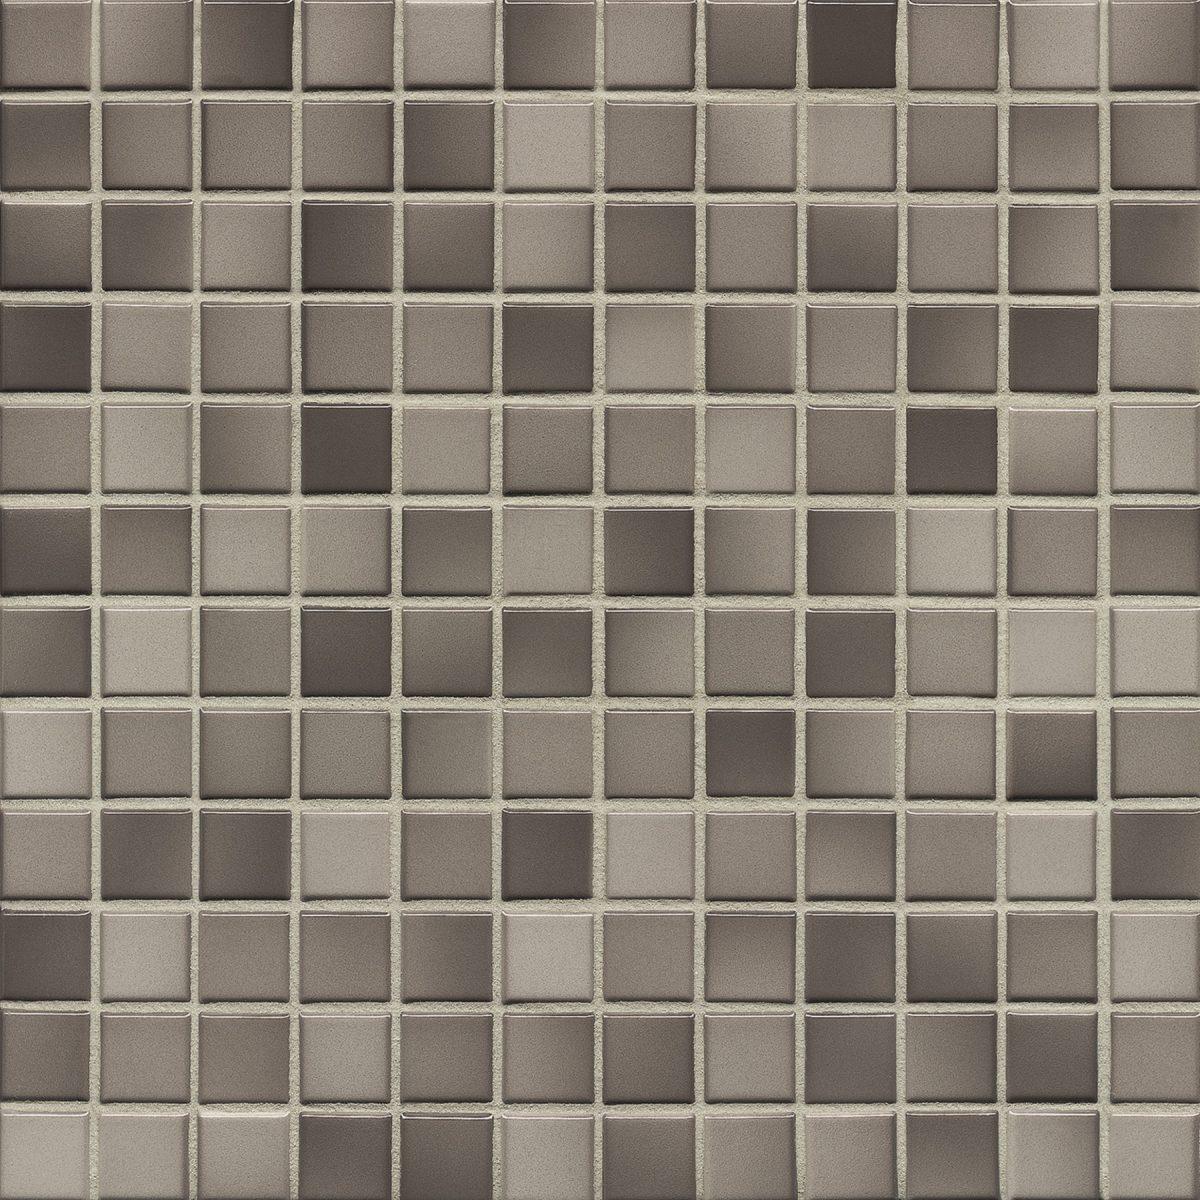 Мозаика серия Fresh 2,4 X 2,4 см Тaupe Mix Glossy (глазурованная)